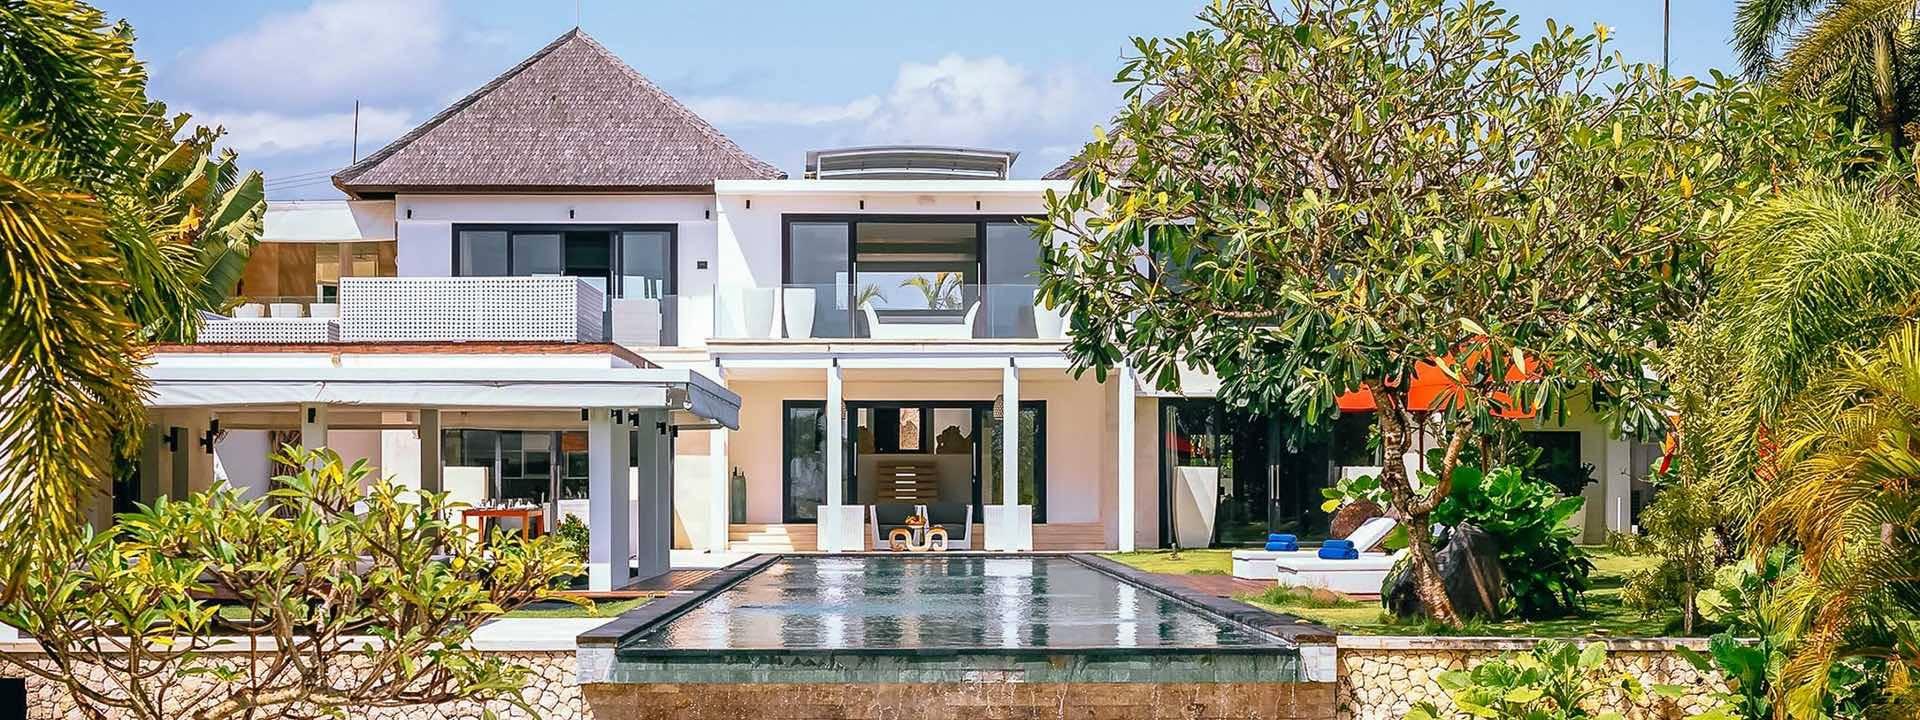 巴厘岛,欧姆菩提别墅热带庄园,见证巴厘最美落日